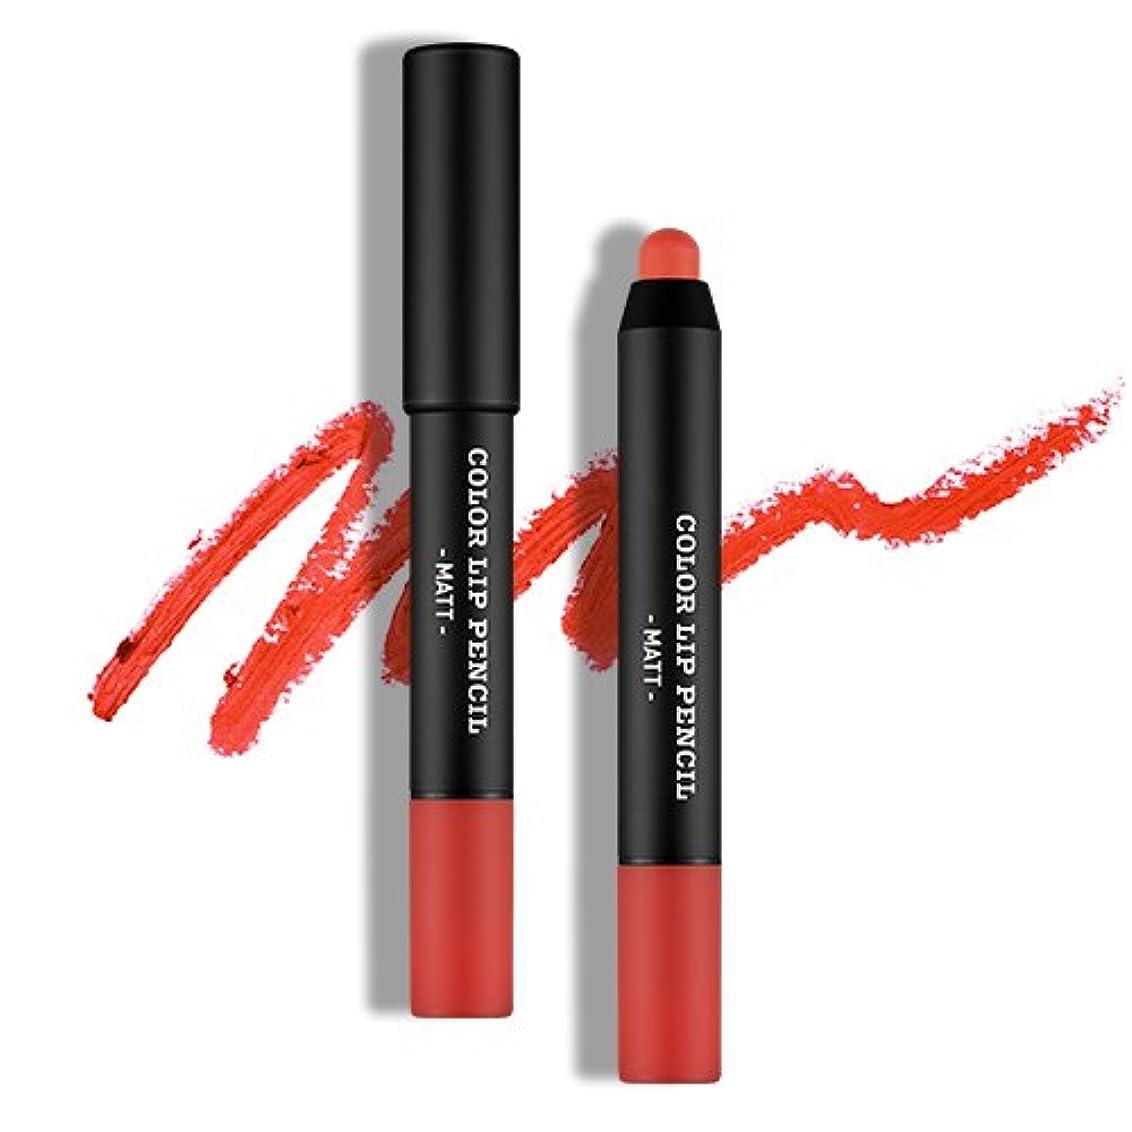 [韓国コスメ Apieu] [オピュ] カラーリップペンシル(マット) [Apieu] Color Lip Pencil(Matt) (OR02) [並行輸入品]